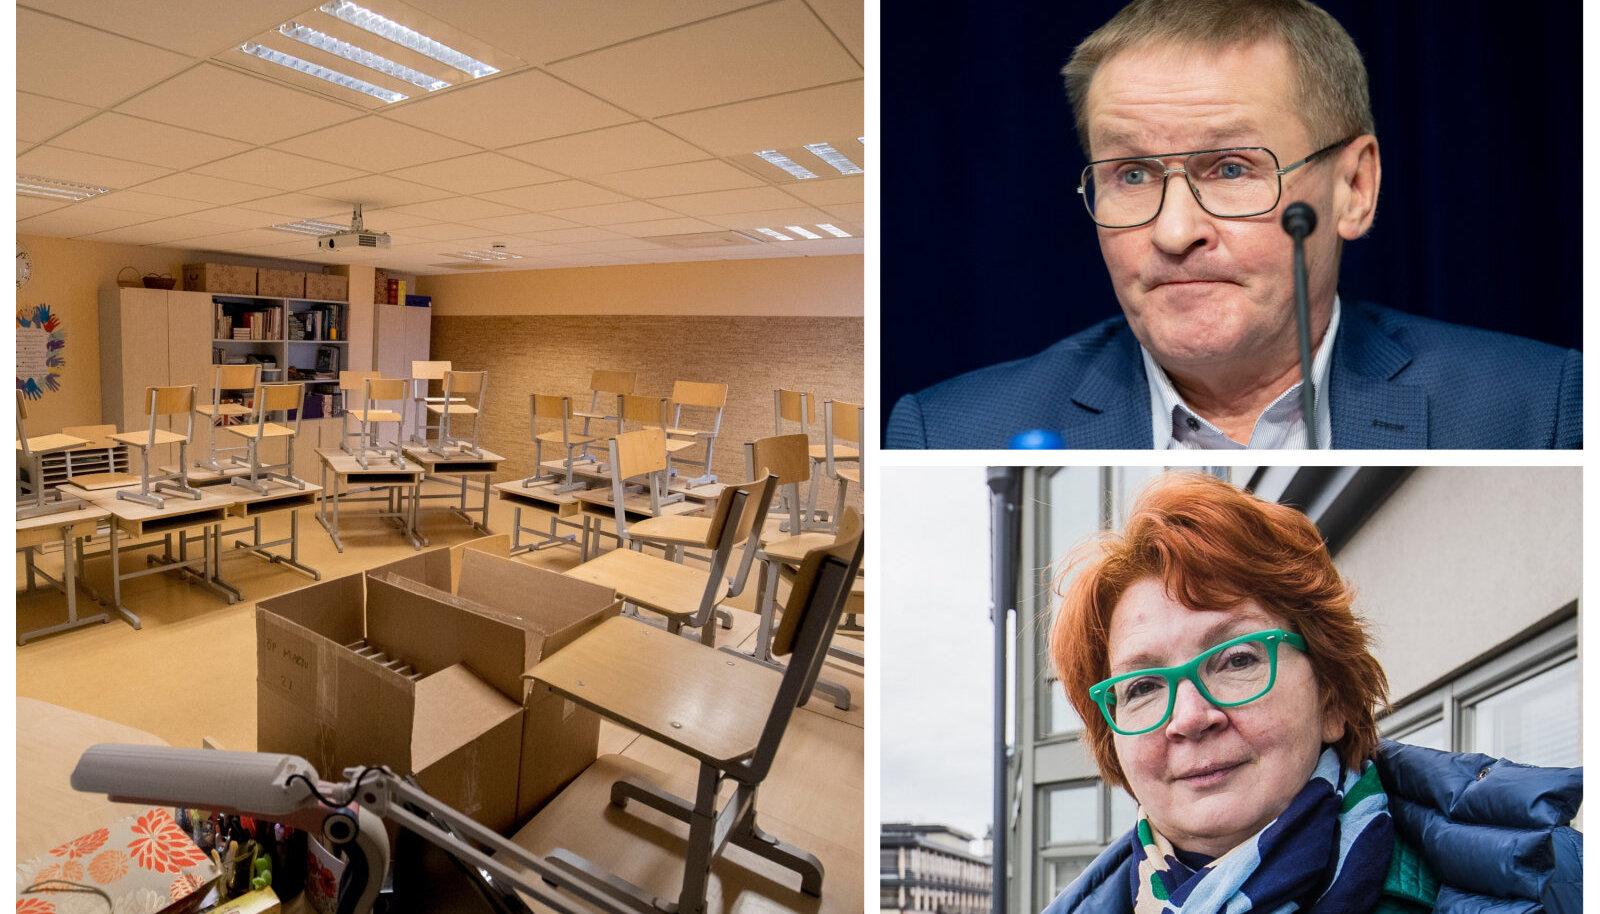 Keskerakondlased eestikeelsele haridusele üleminekuga kiirustada ei soovi